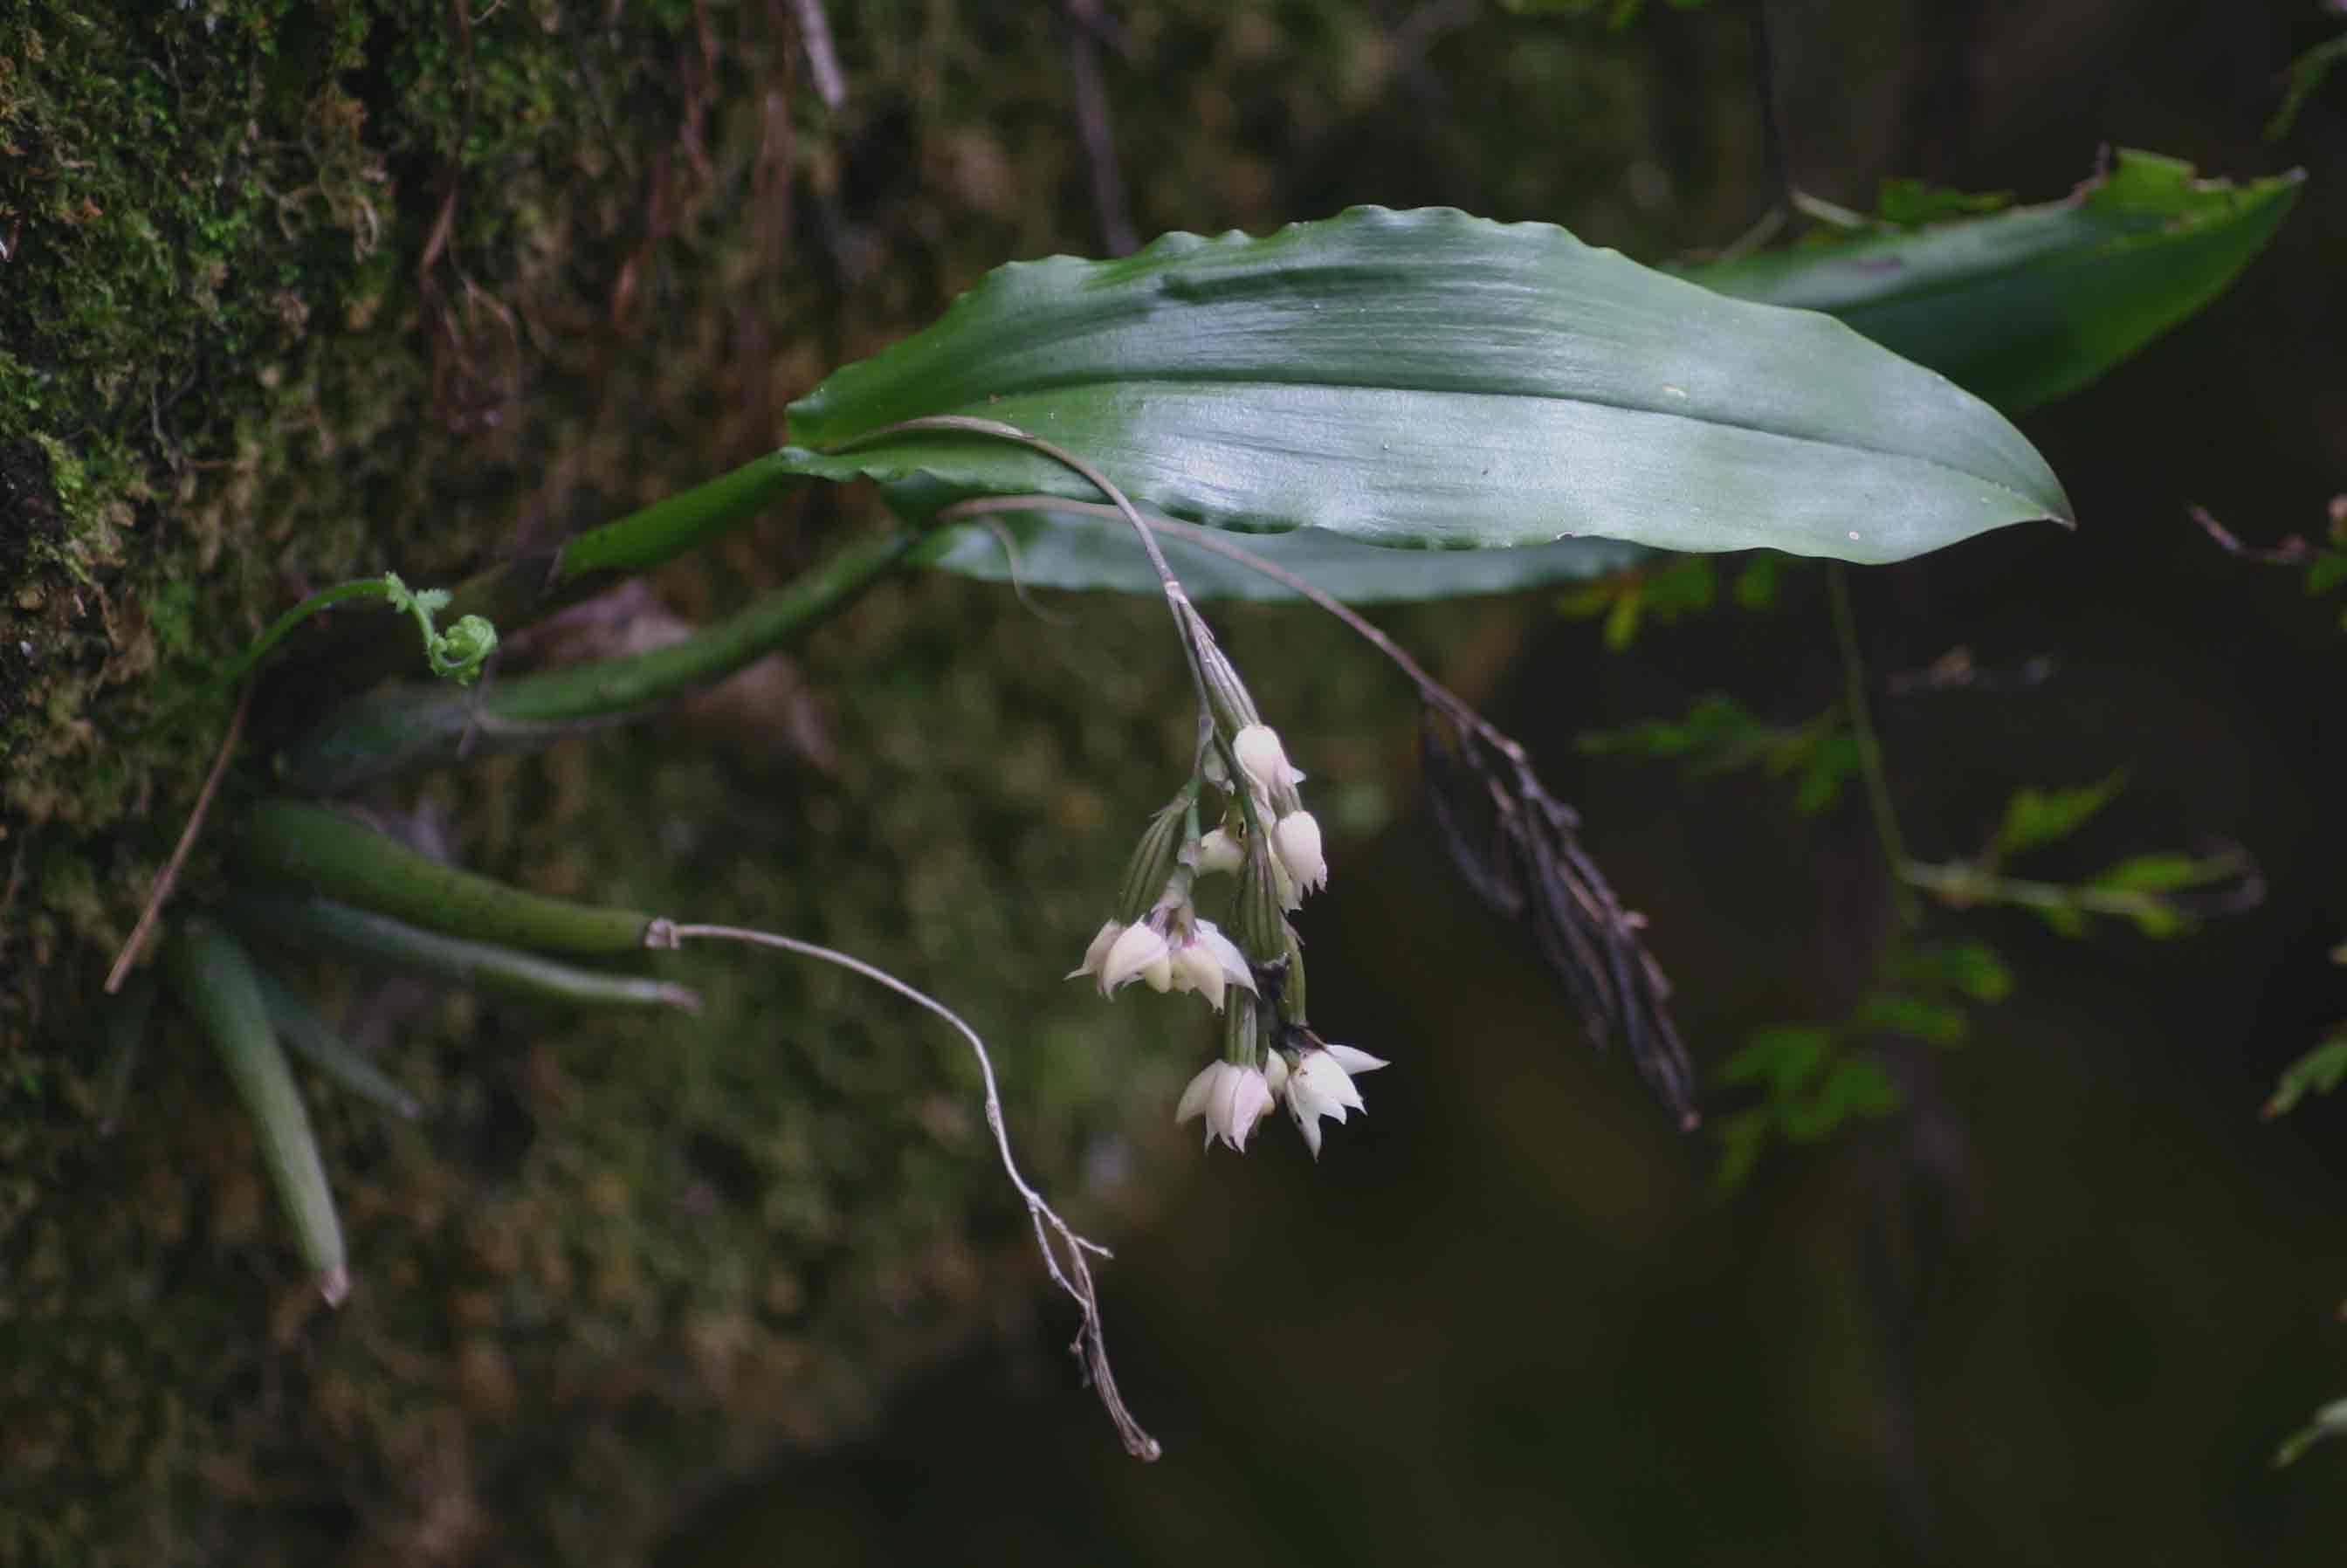 Polystachya cultriformis